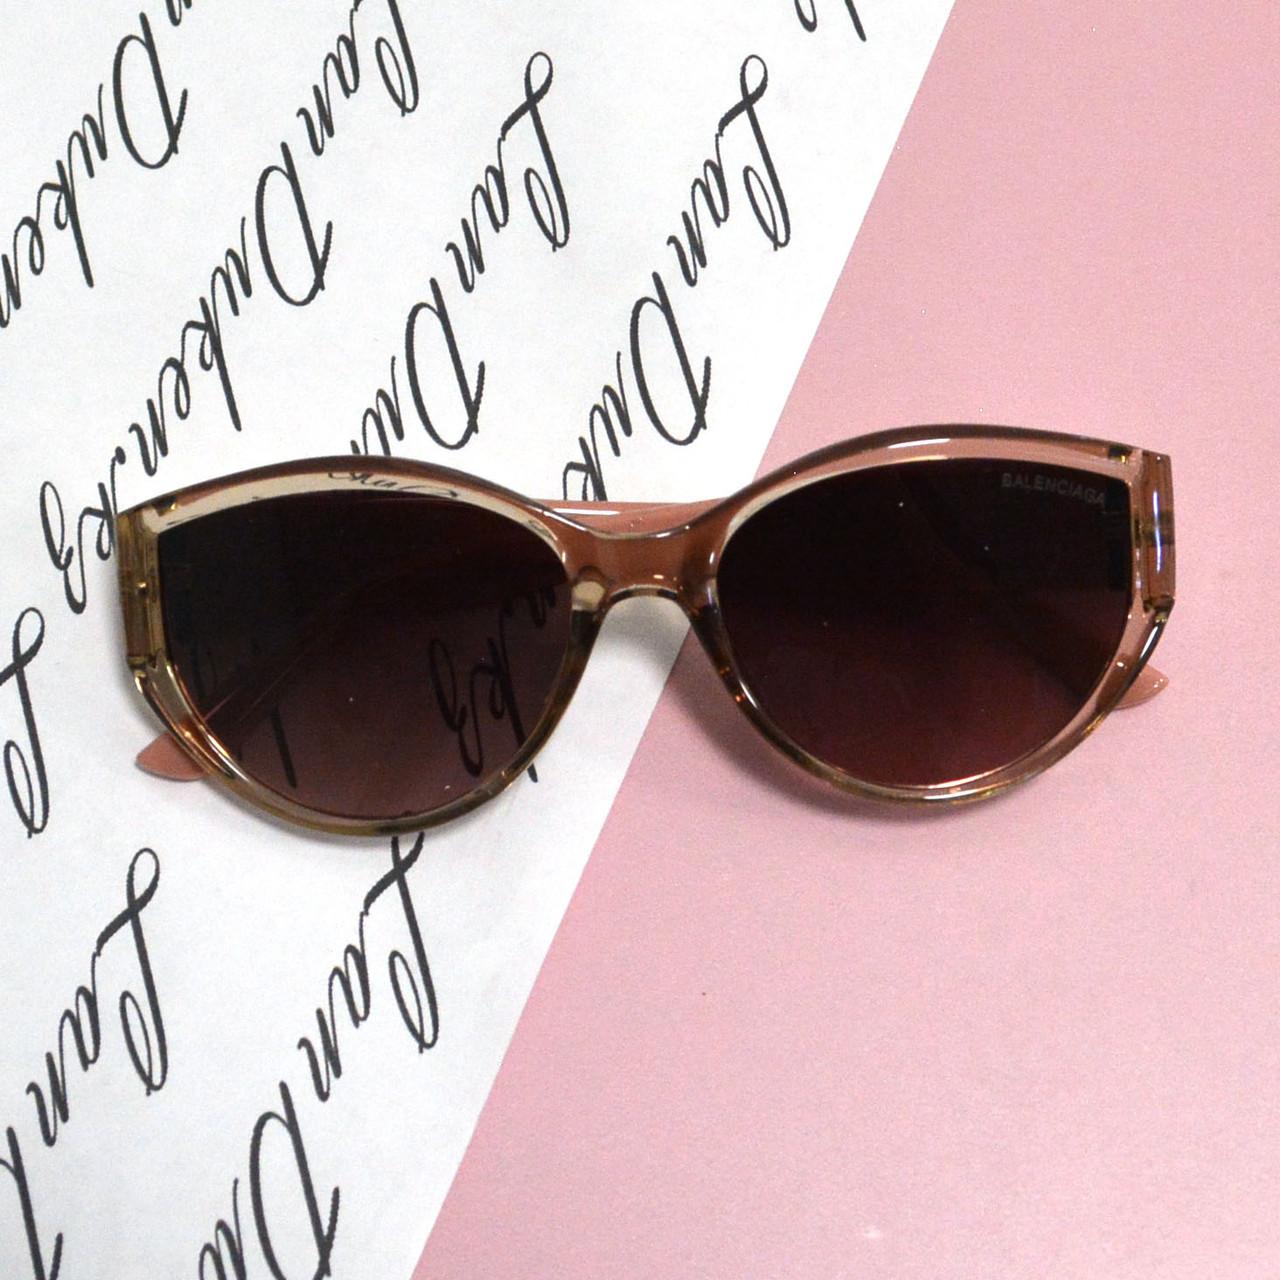 Солнцезащитные очки с коричневыми стеклами с широкой розовой дужкой Balenciaga 2125 - фото 6